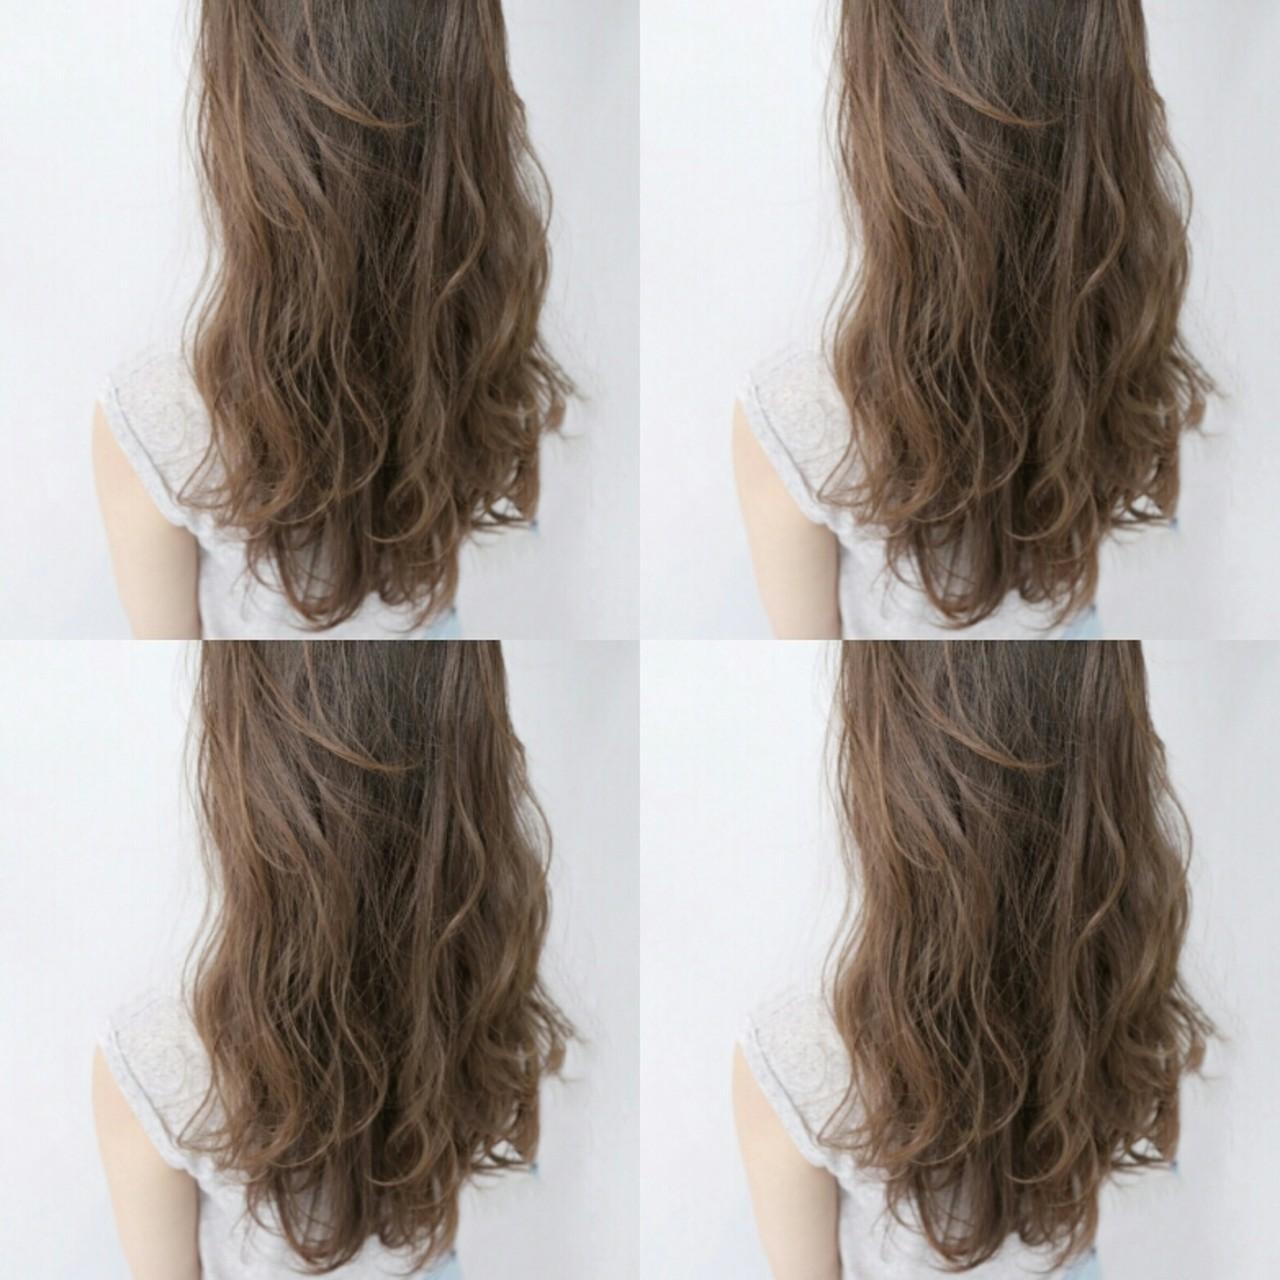 グラデーションカラー ハイライト コンサバ 外国人風 ヘアスタイルや髪型の写真・画像 | 市口泰崇 / INITY